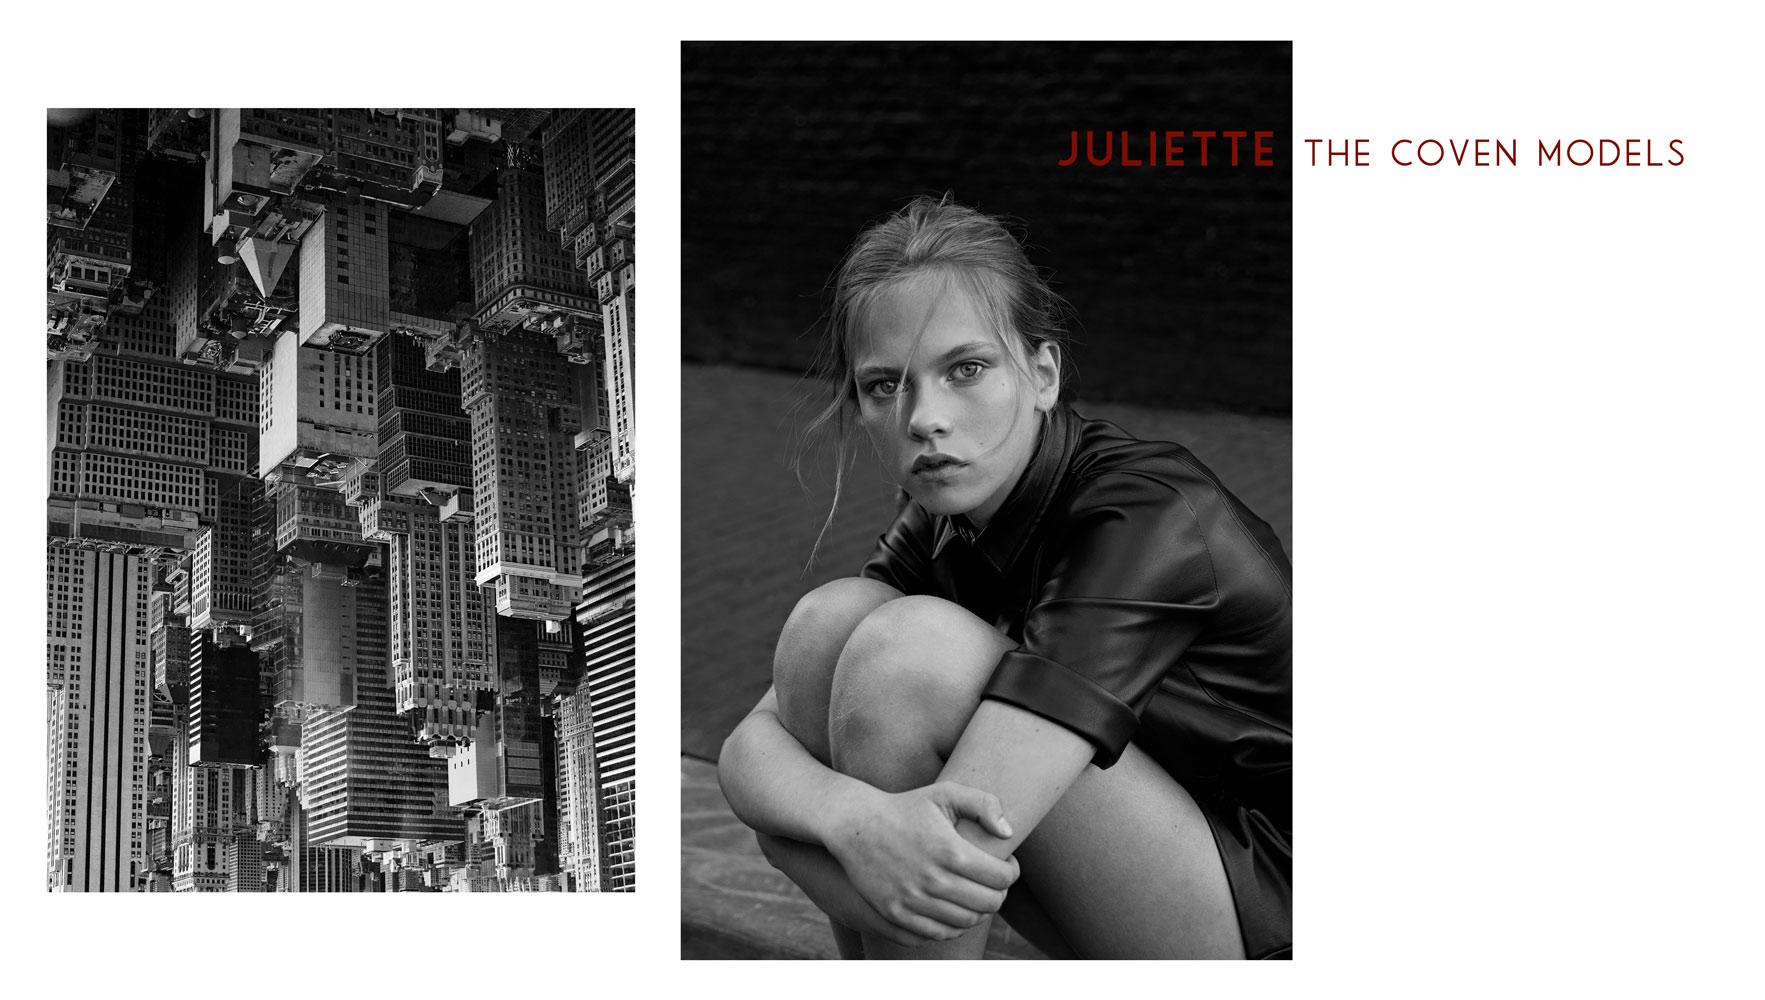 Juliette – The Coven Models